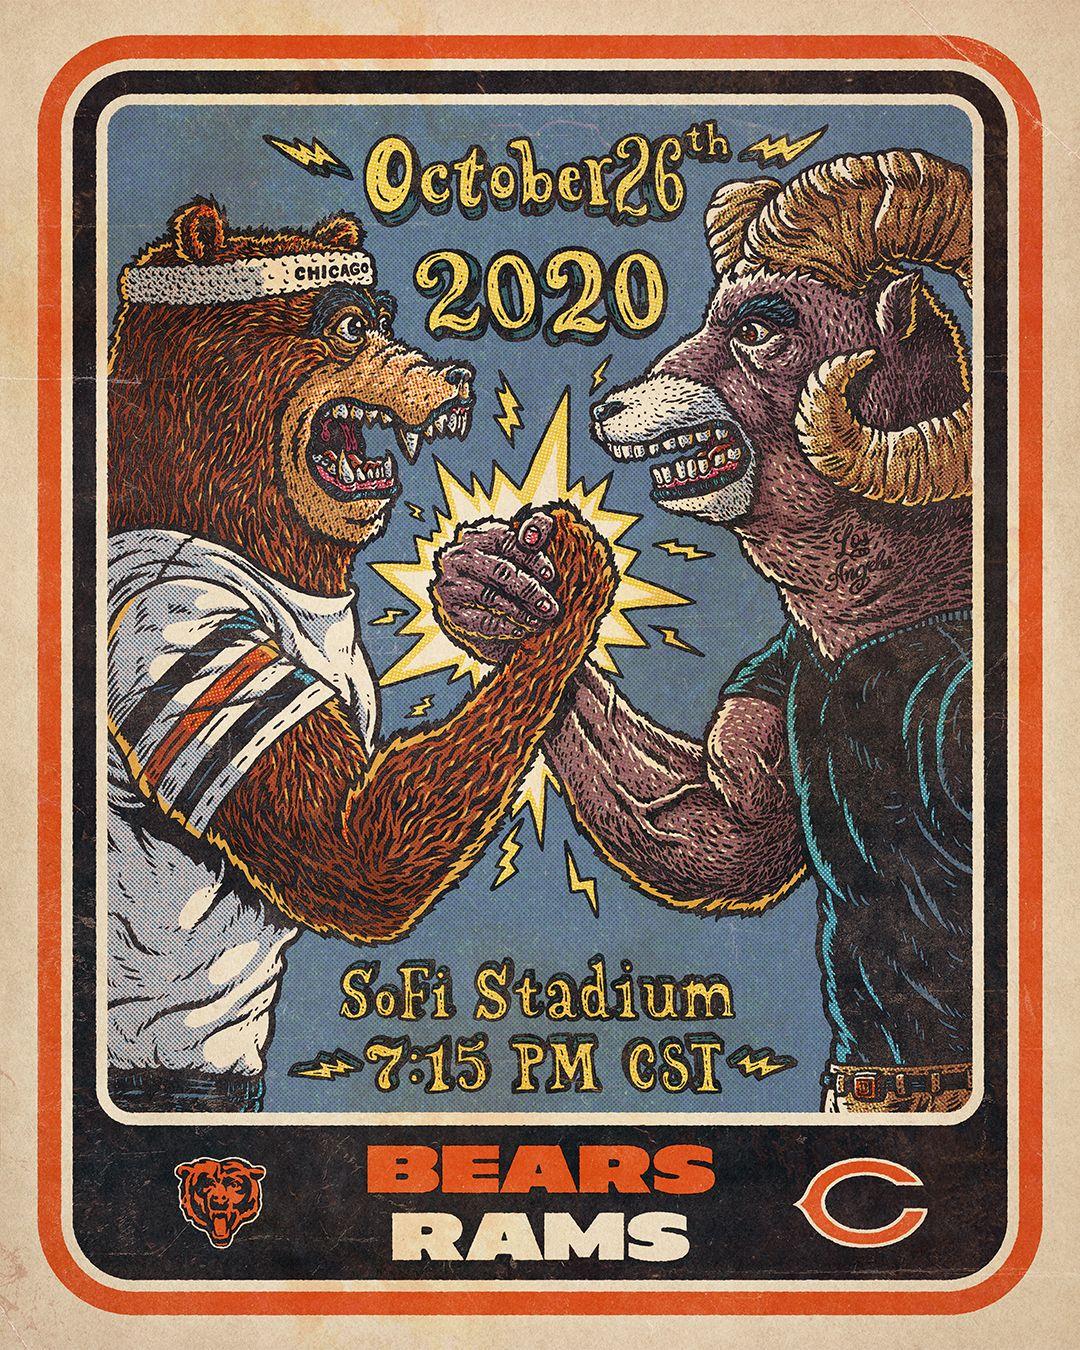 Week 7 - Bears at Rams